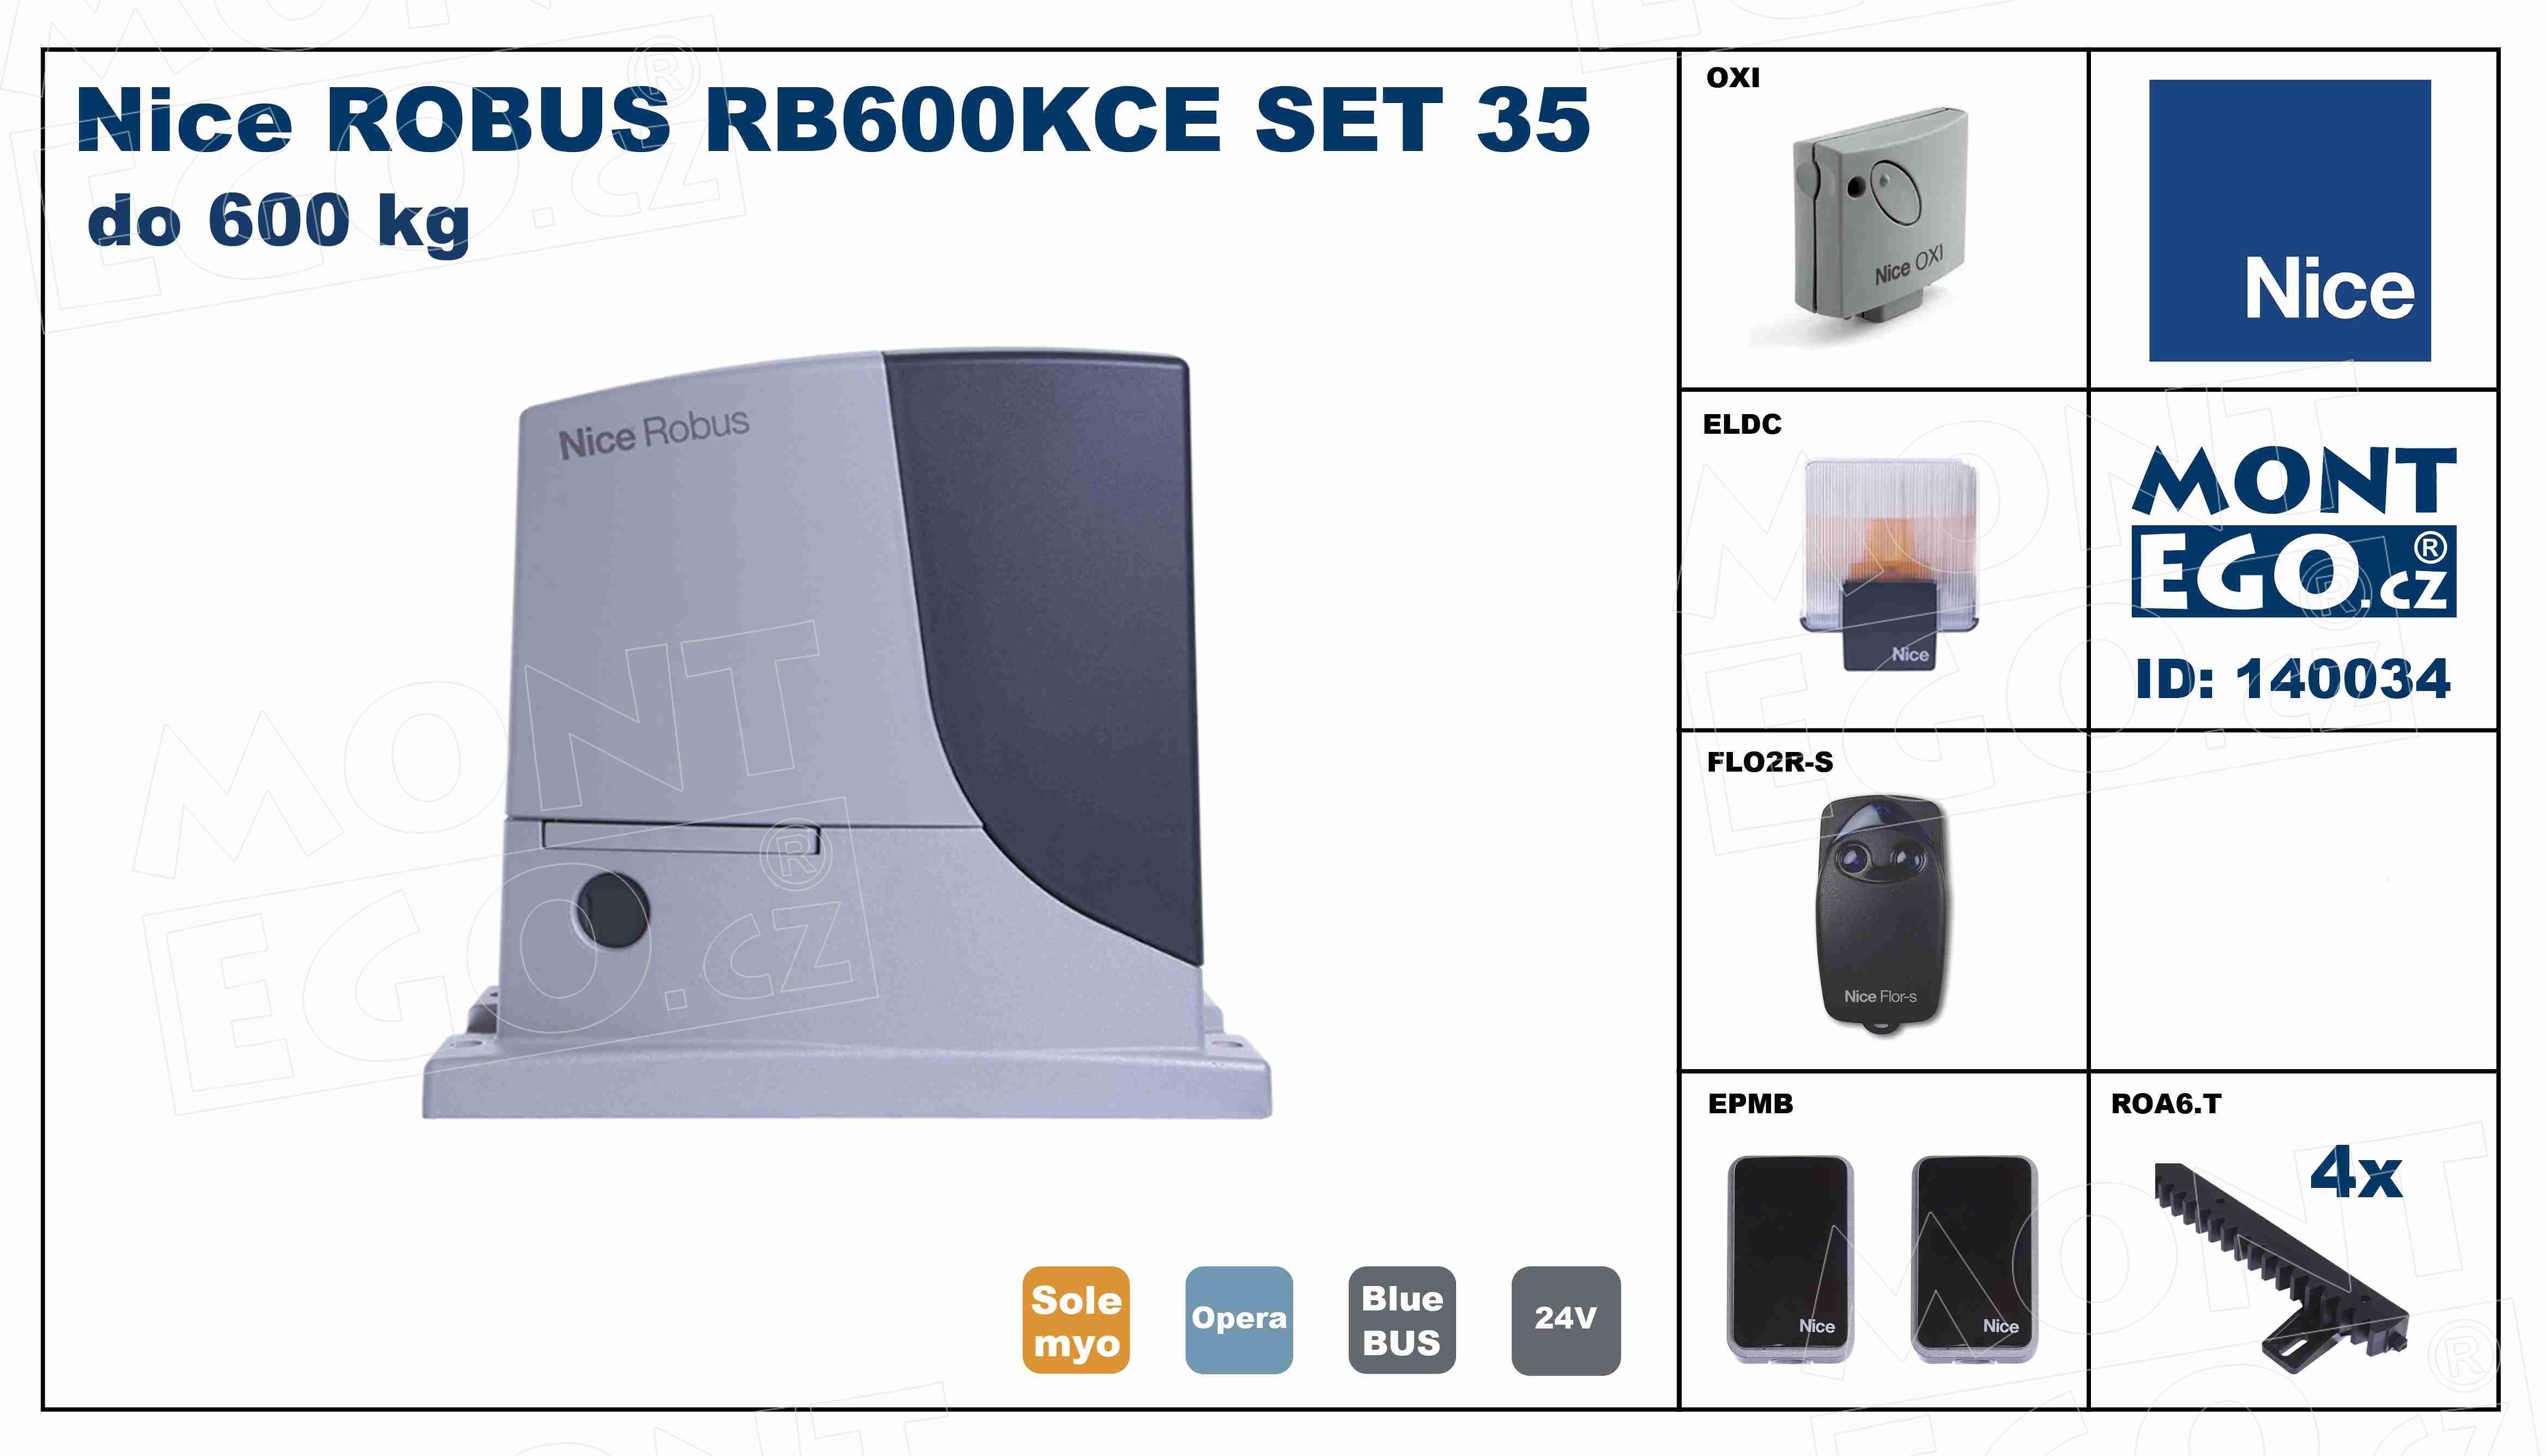 Robuskit 600 Affordable Nice Pinion Robo Robus With Robuskit 600